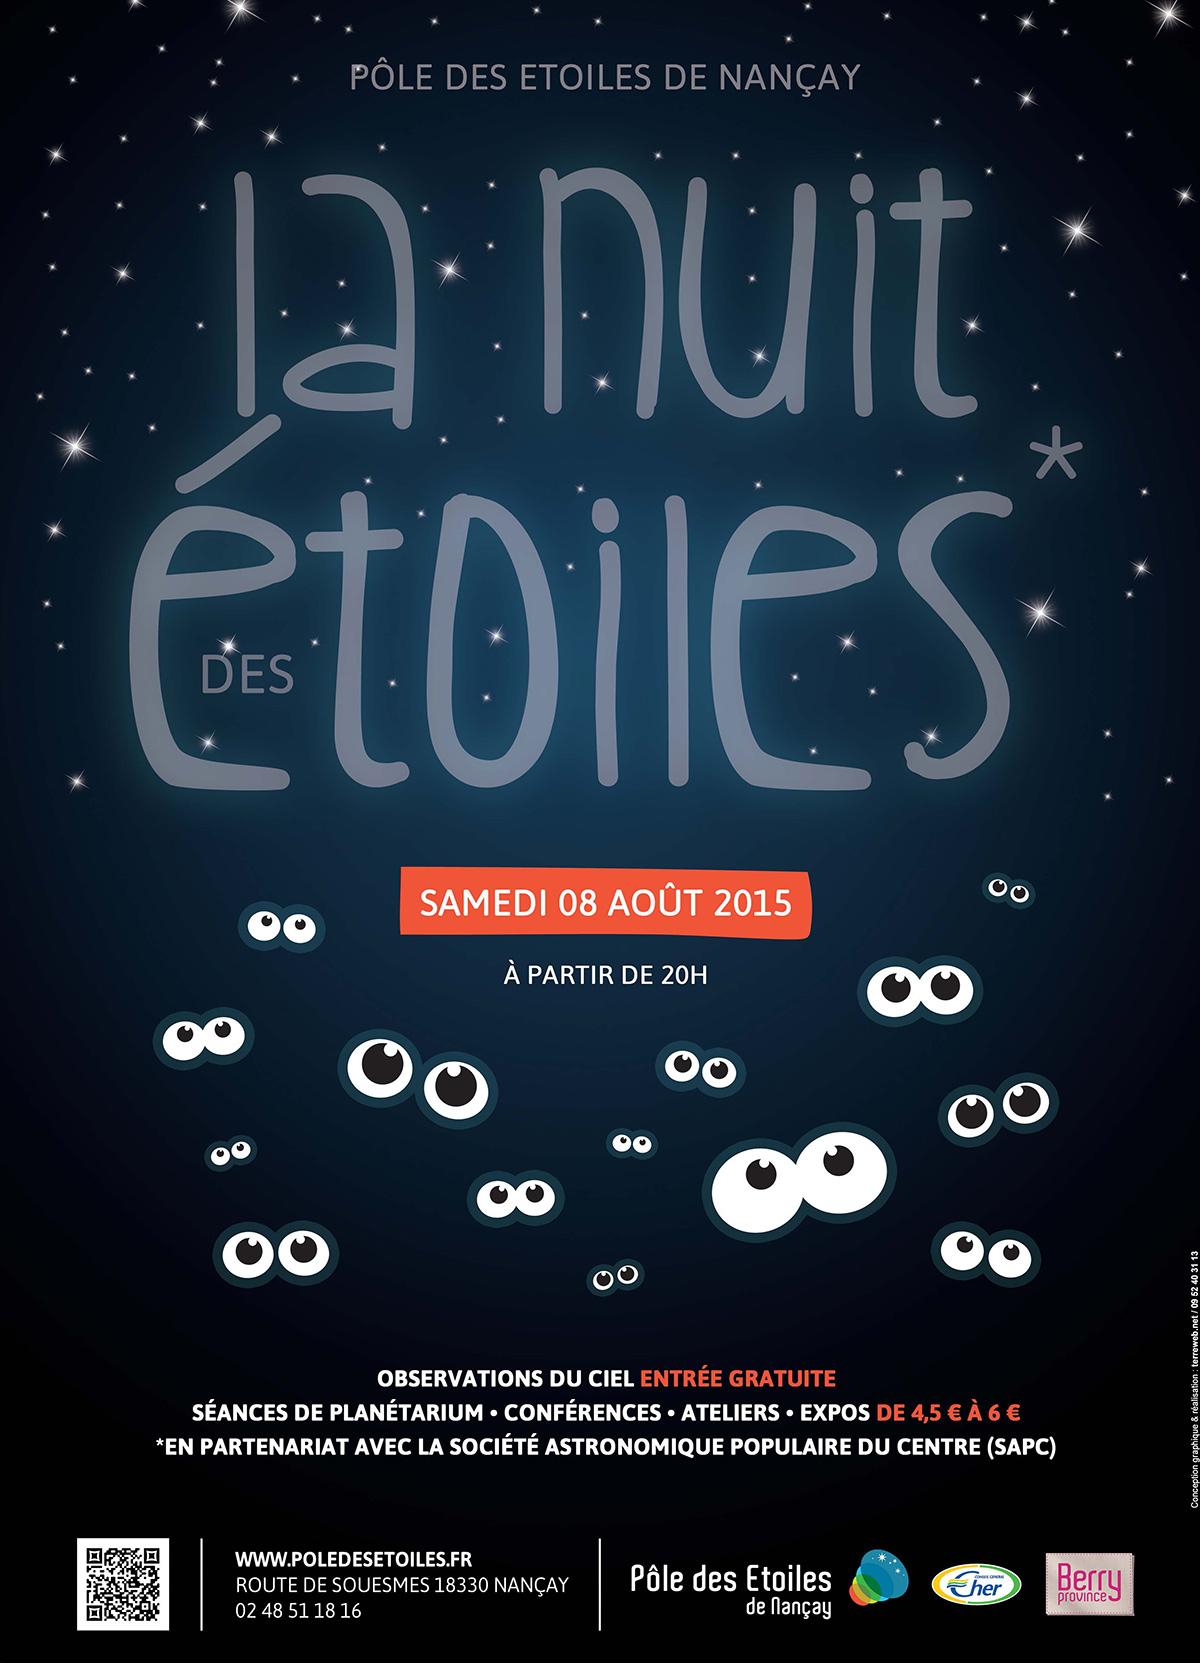 Affiche-nuit-des-etoiles-ok-2015